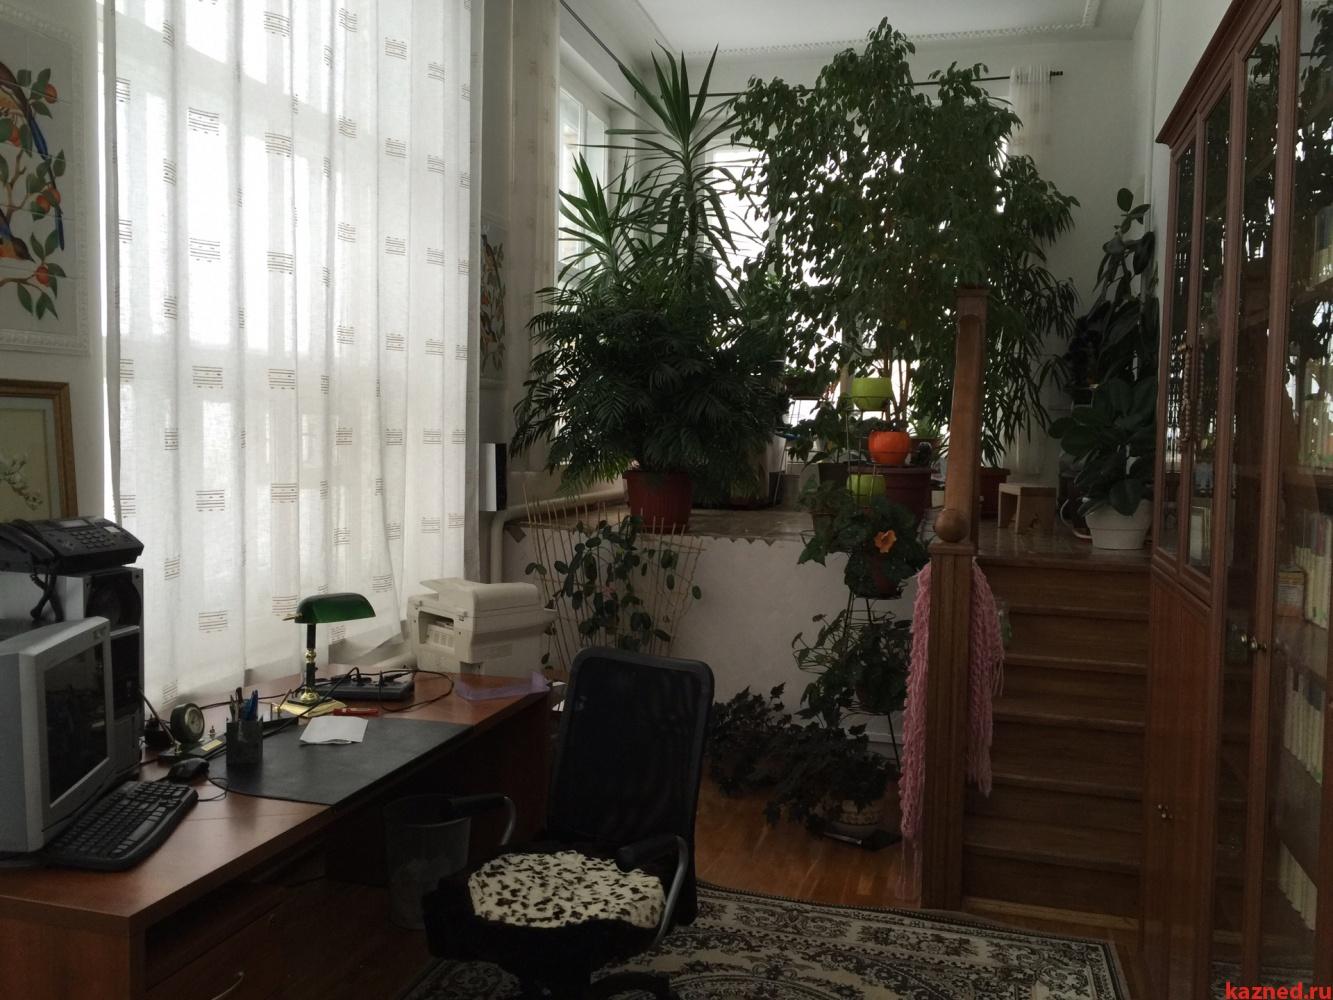 Продажа  дома Овражная, 48, 240 м²  (миниатюра №6)